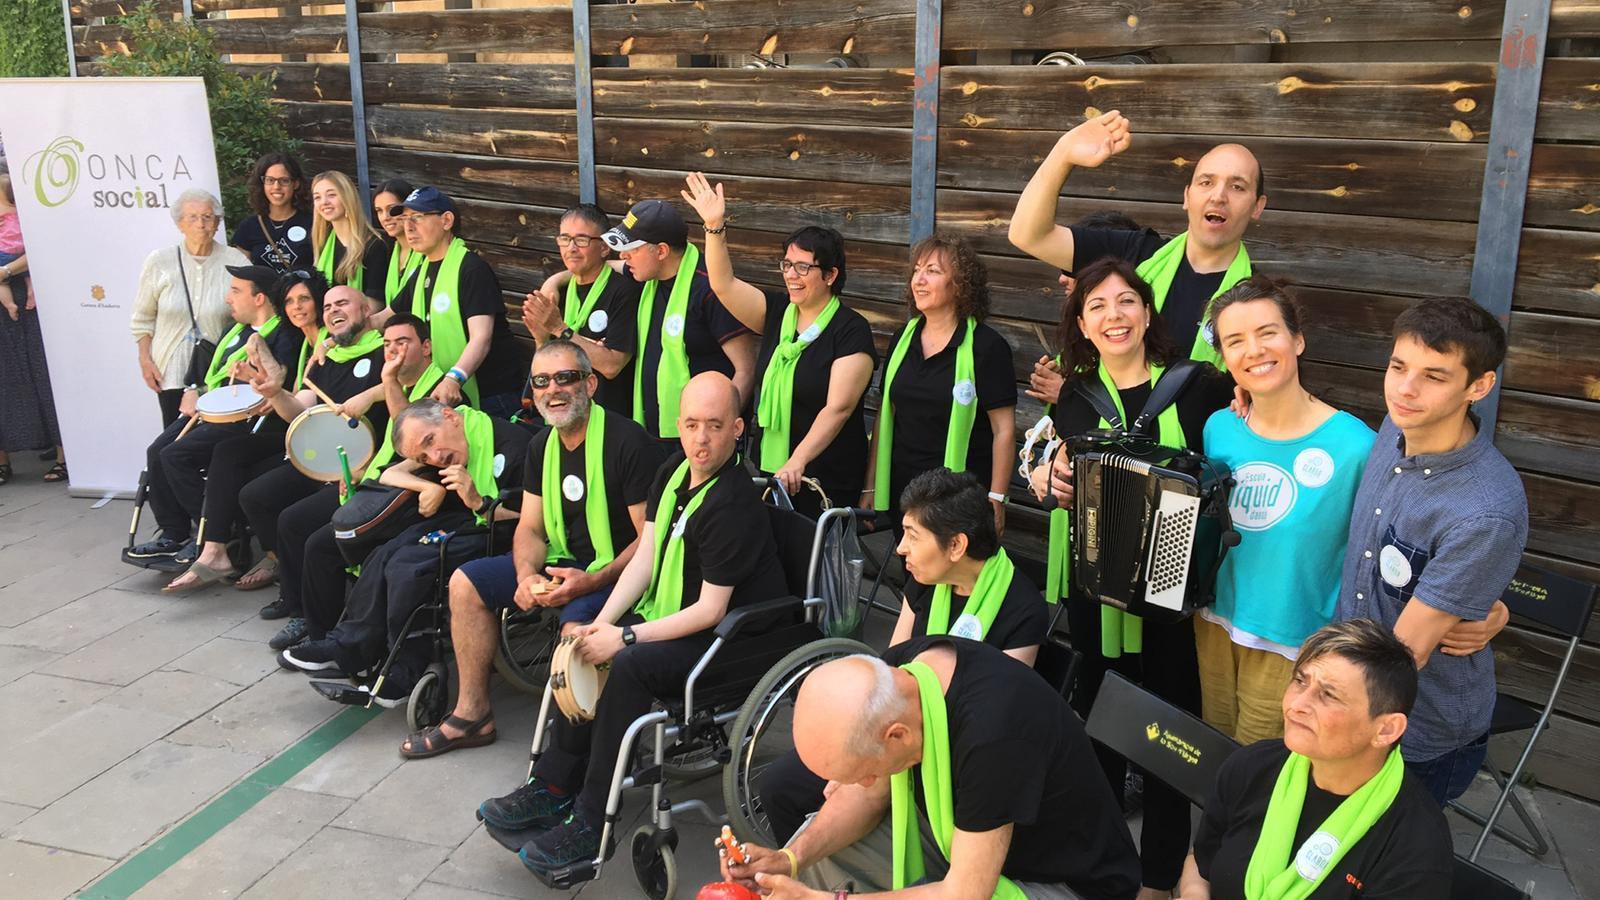 Els participants del programa. / FUNDACIÓ ONCA